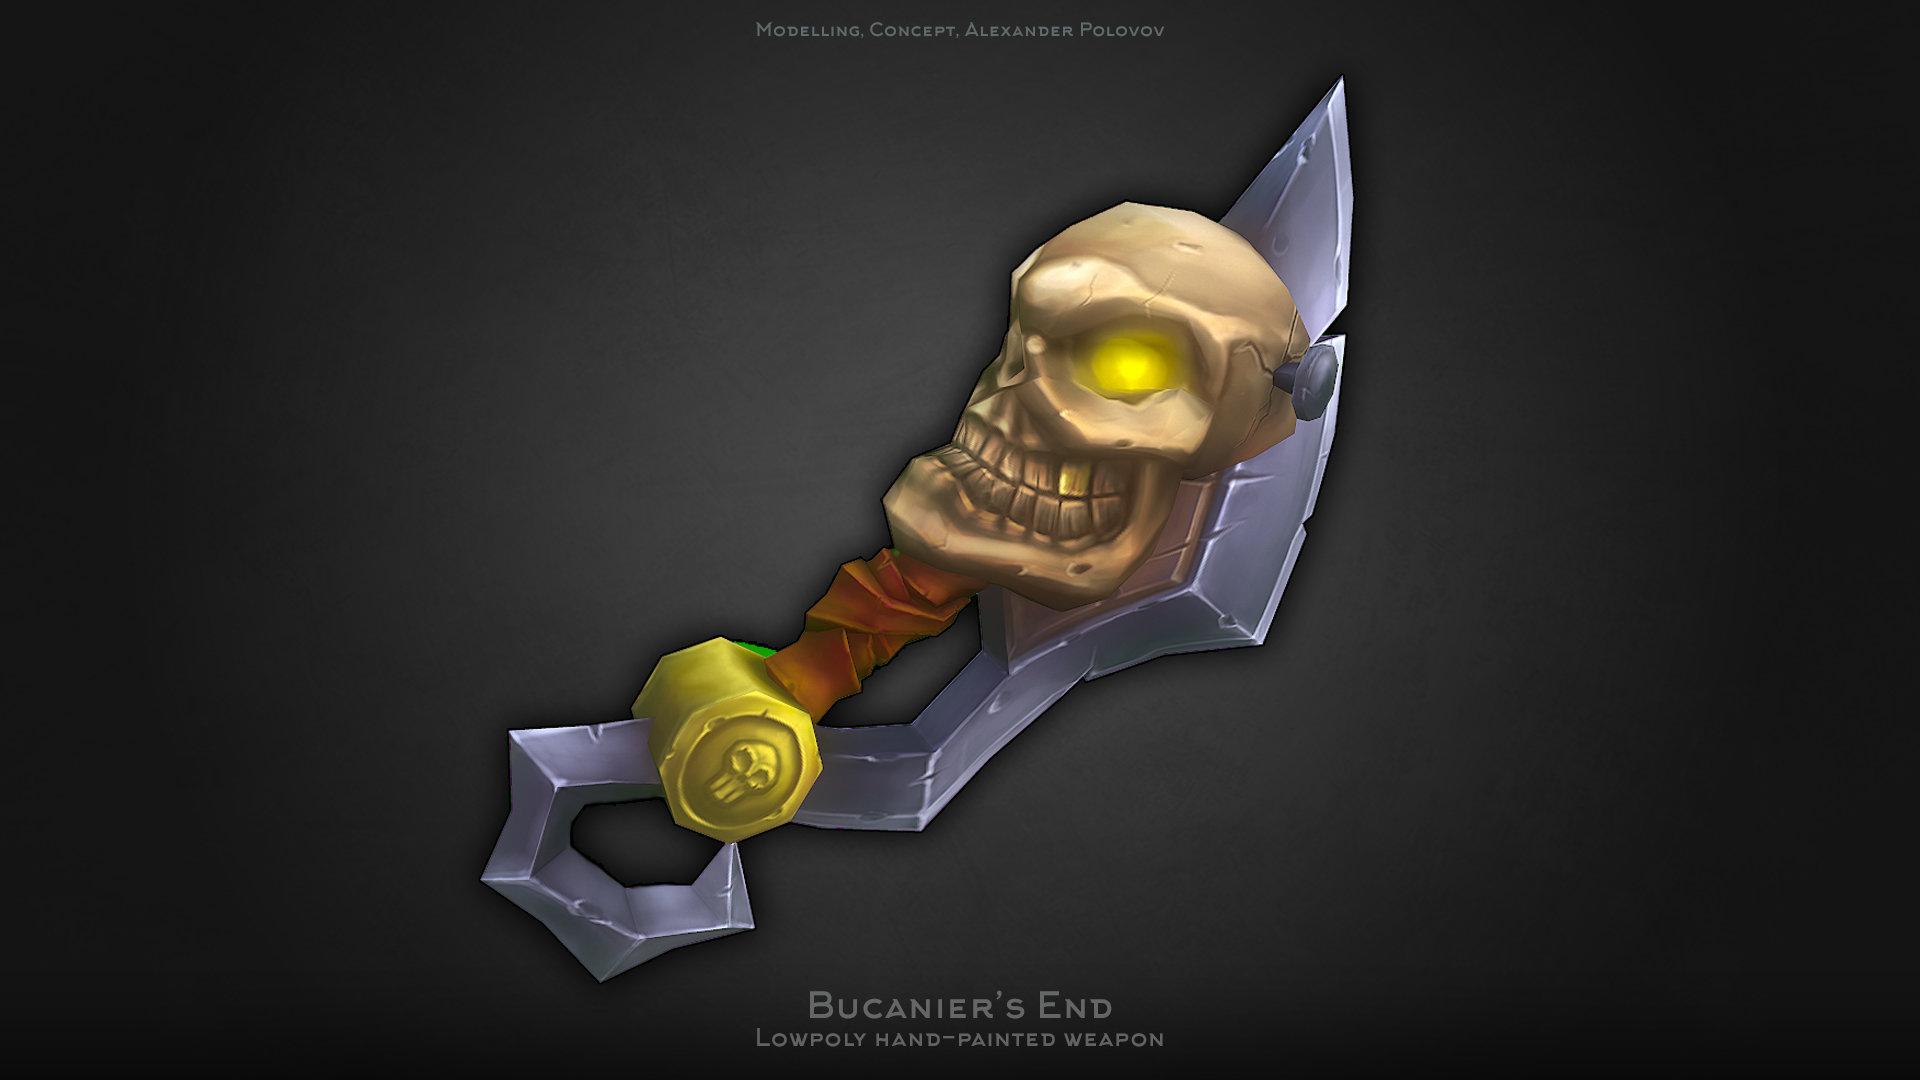 Bucanier's End